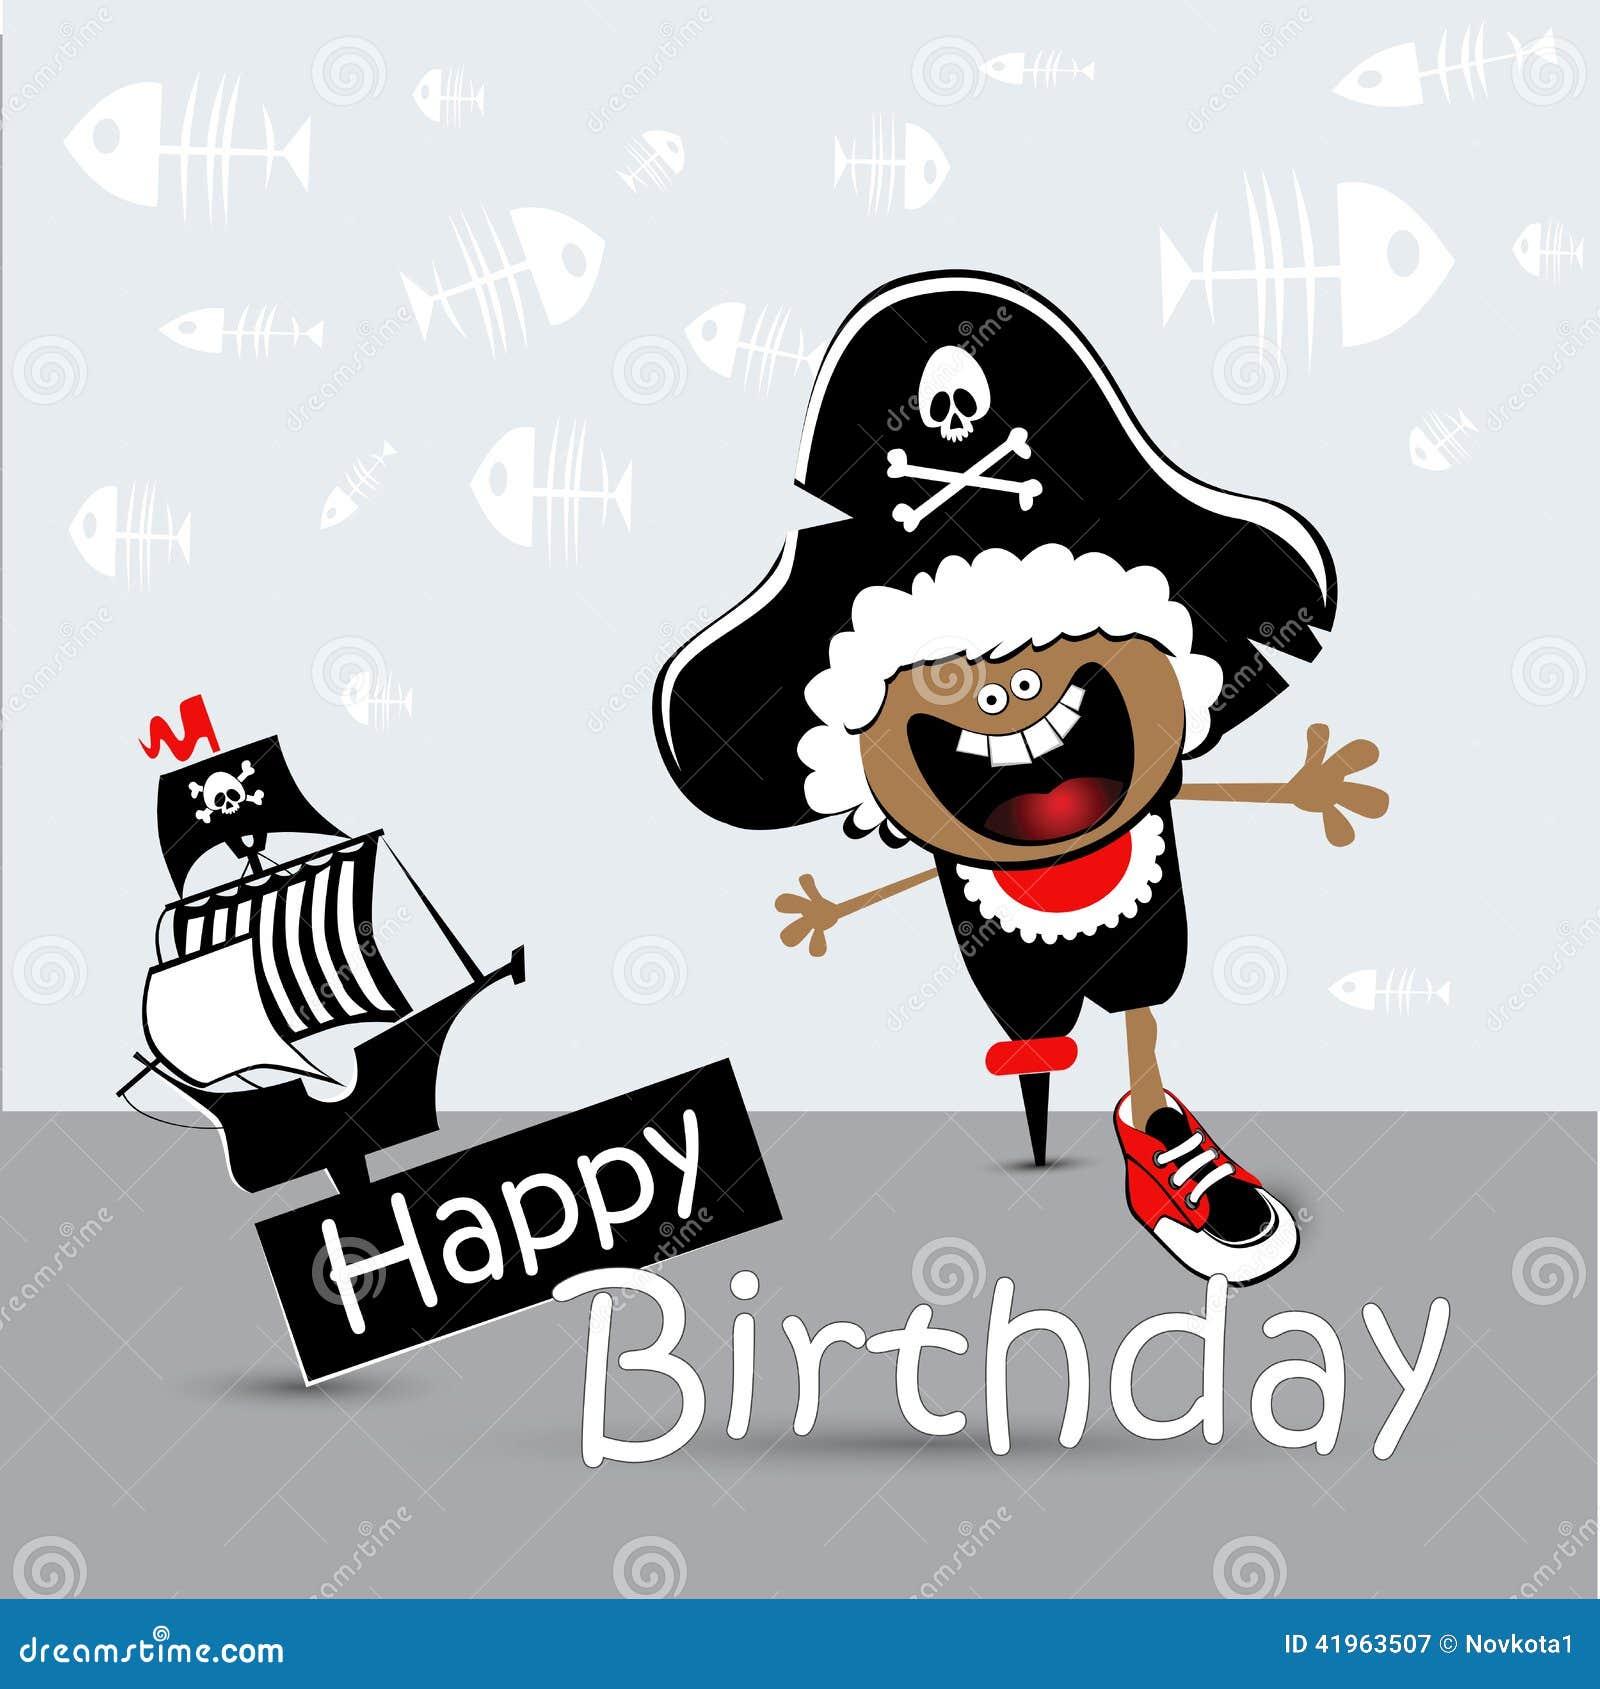 Красивых, открытка с пиратом на день рождения